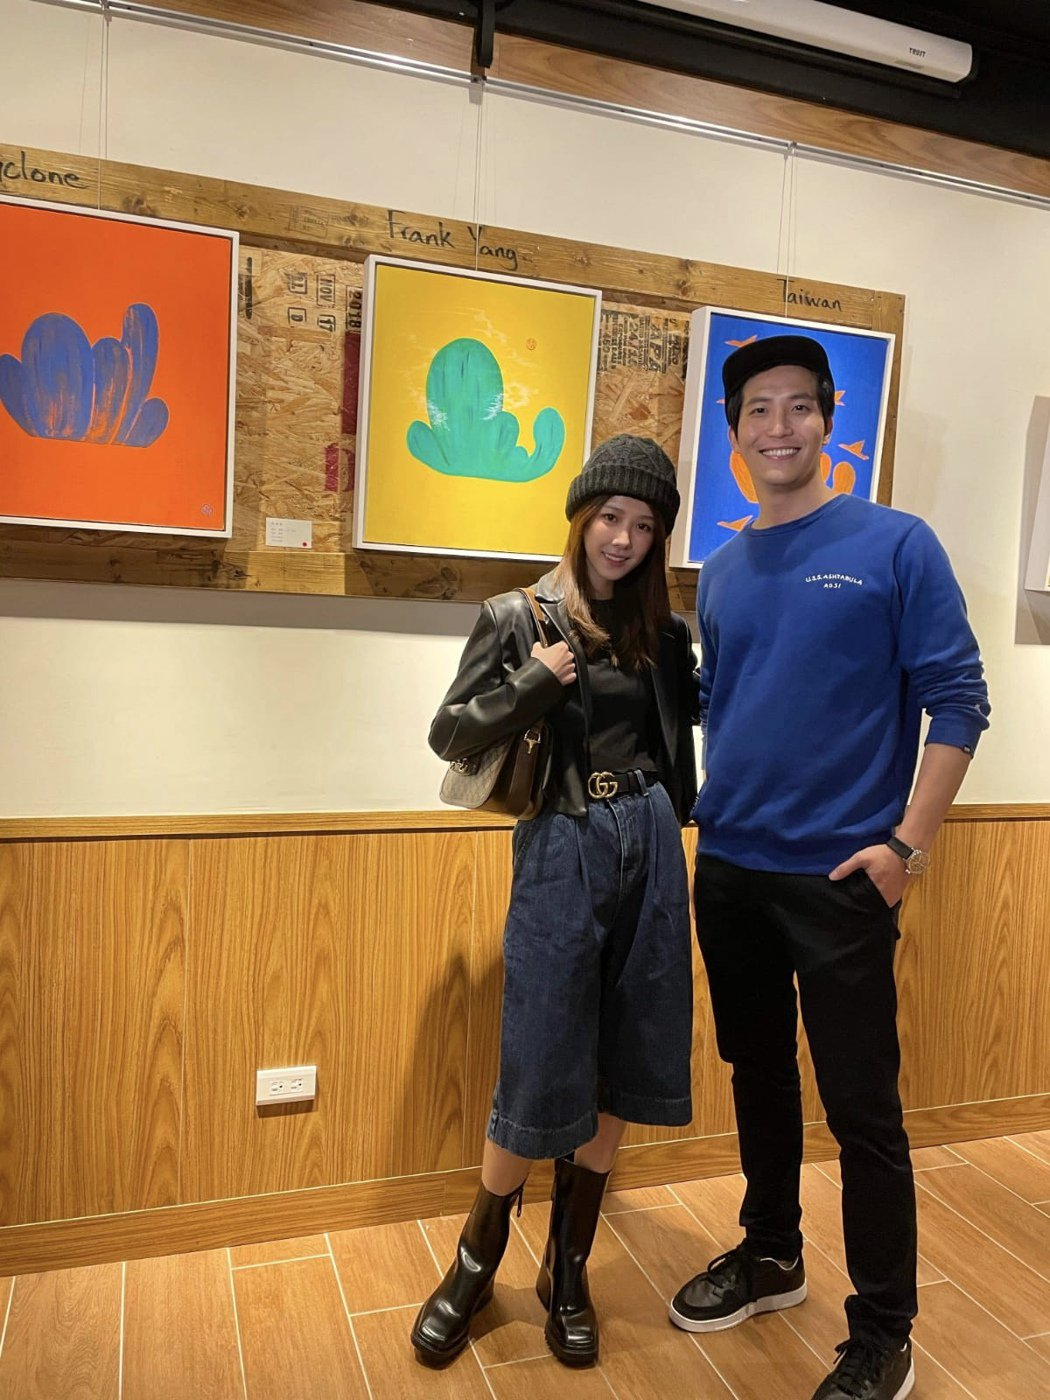 邵雨薇(左)與吳翔震因合作電影結緣,她禮尚往來看畫展。圖/李韶明提供